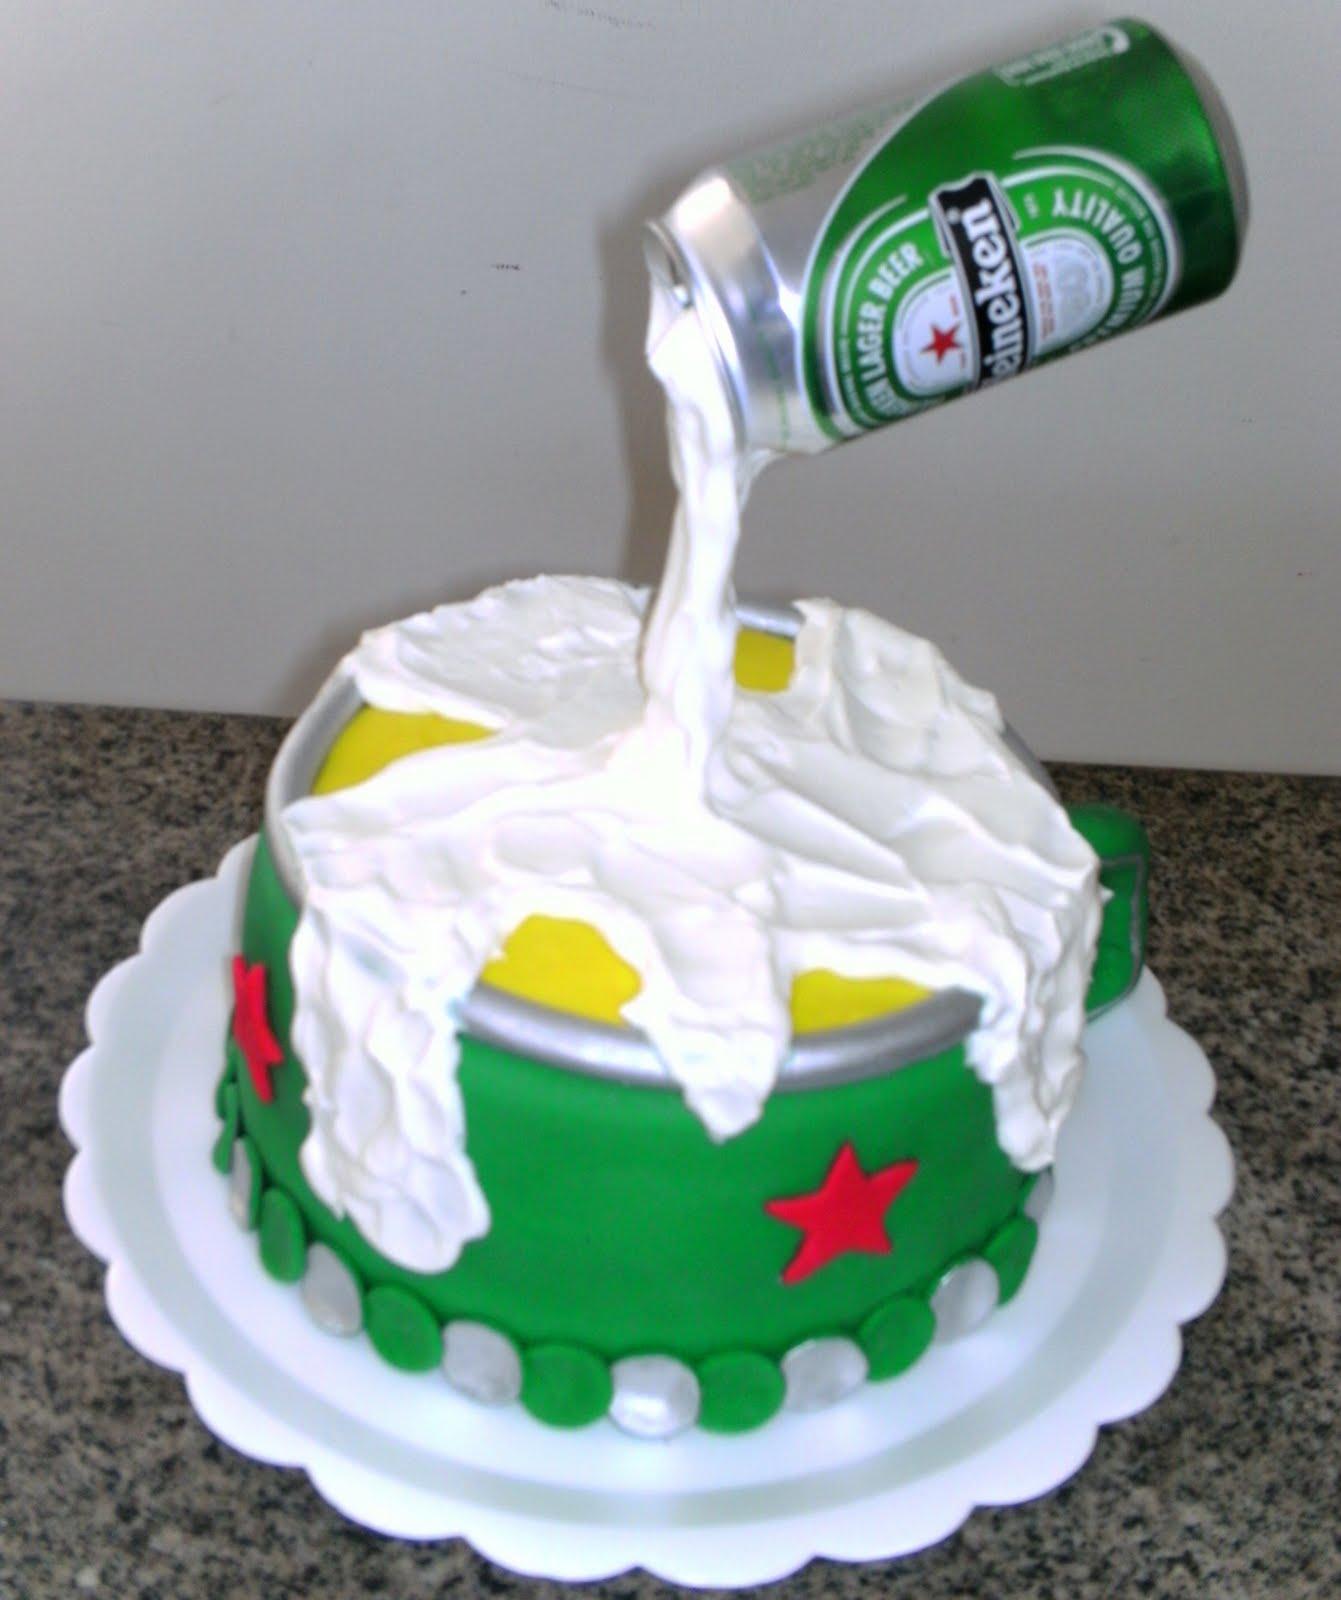 Muito Botique de Bolos: Bolo lata da cerveja heineken BI65